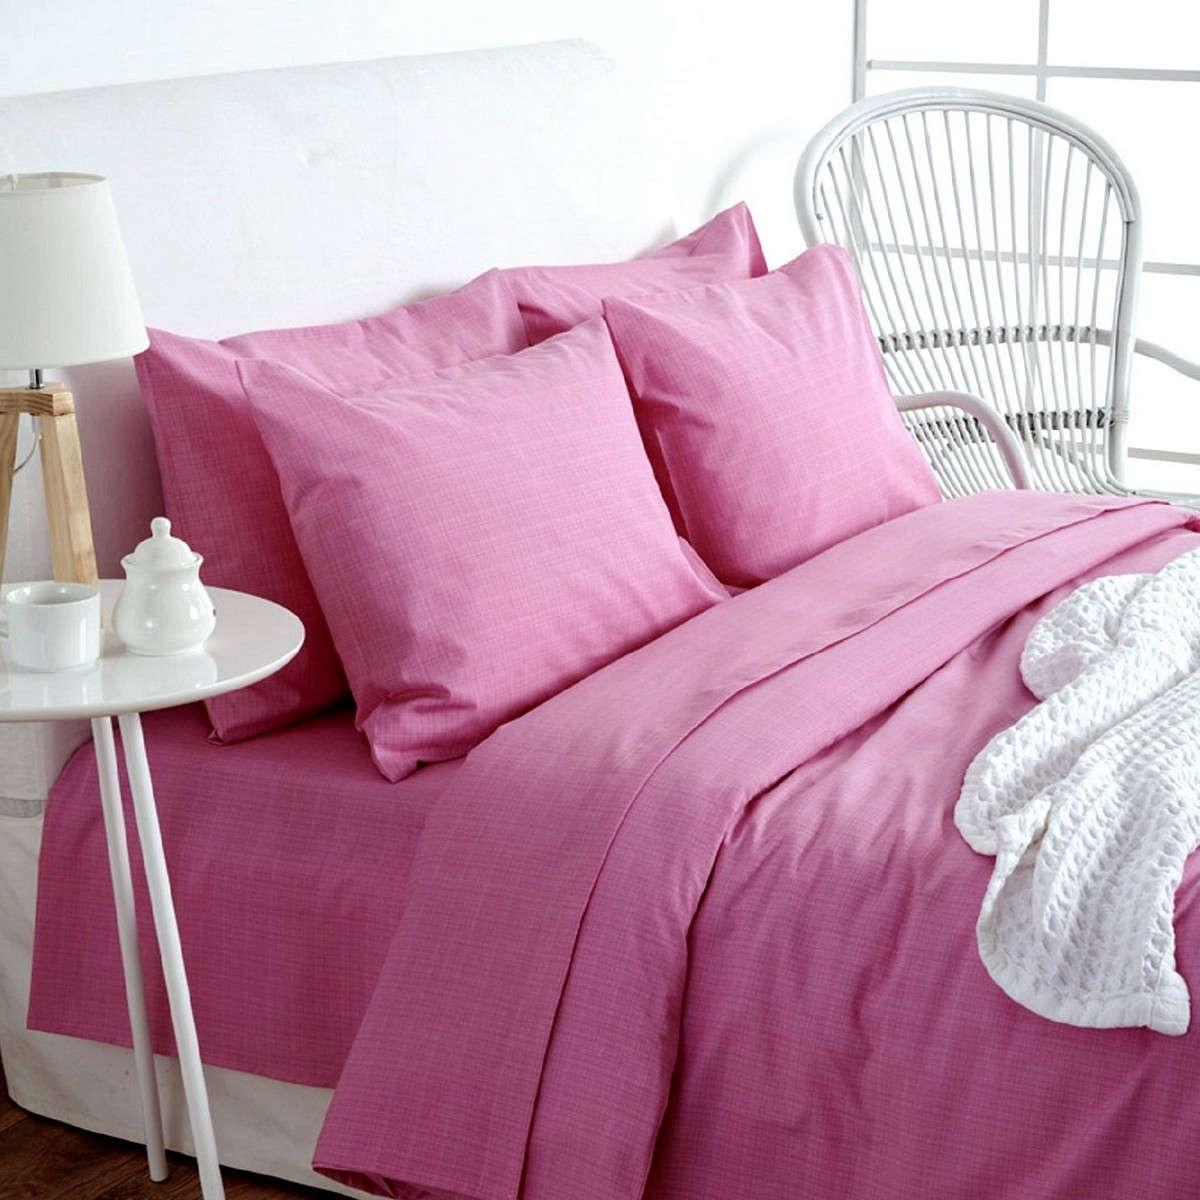 Σεντόνια Σετ Lucifer Pink Sb Home Υπέρδιπλo 220x240cm